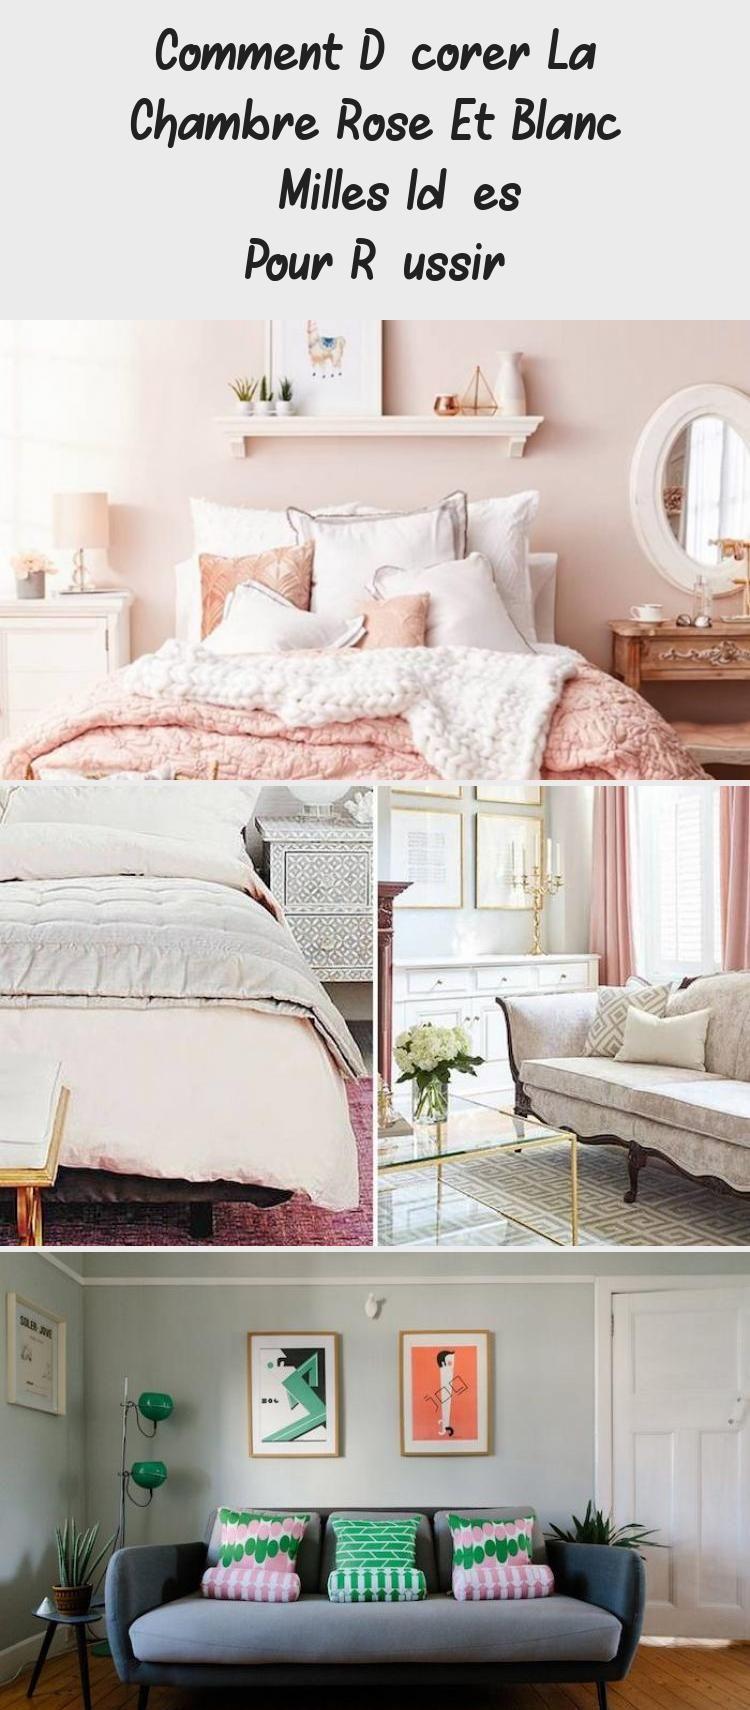 Chambre Rose Poudré Fille comment décorer la chambre rose et blanc – milles idées pour